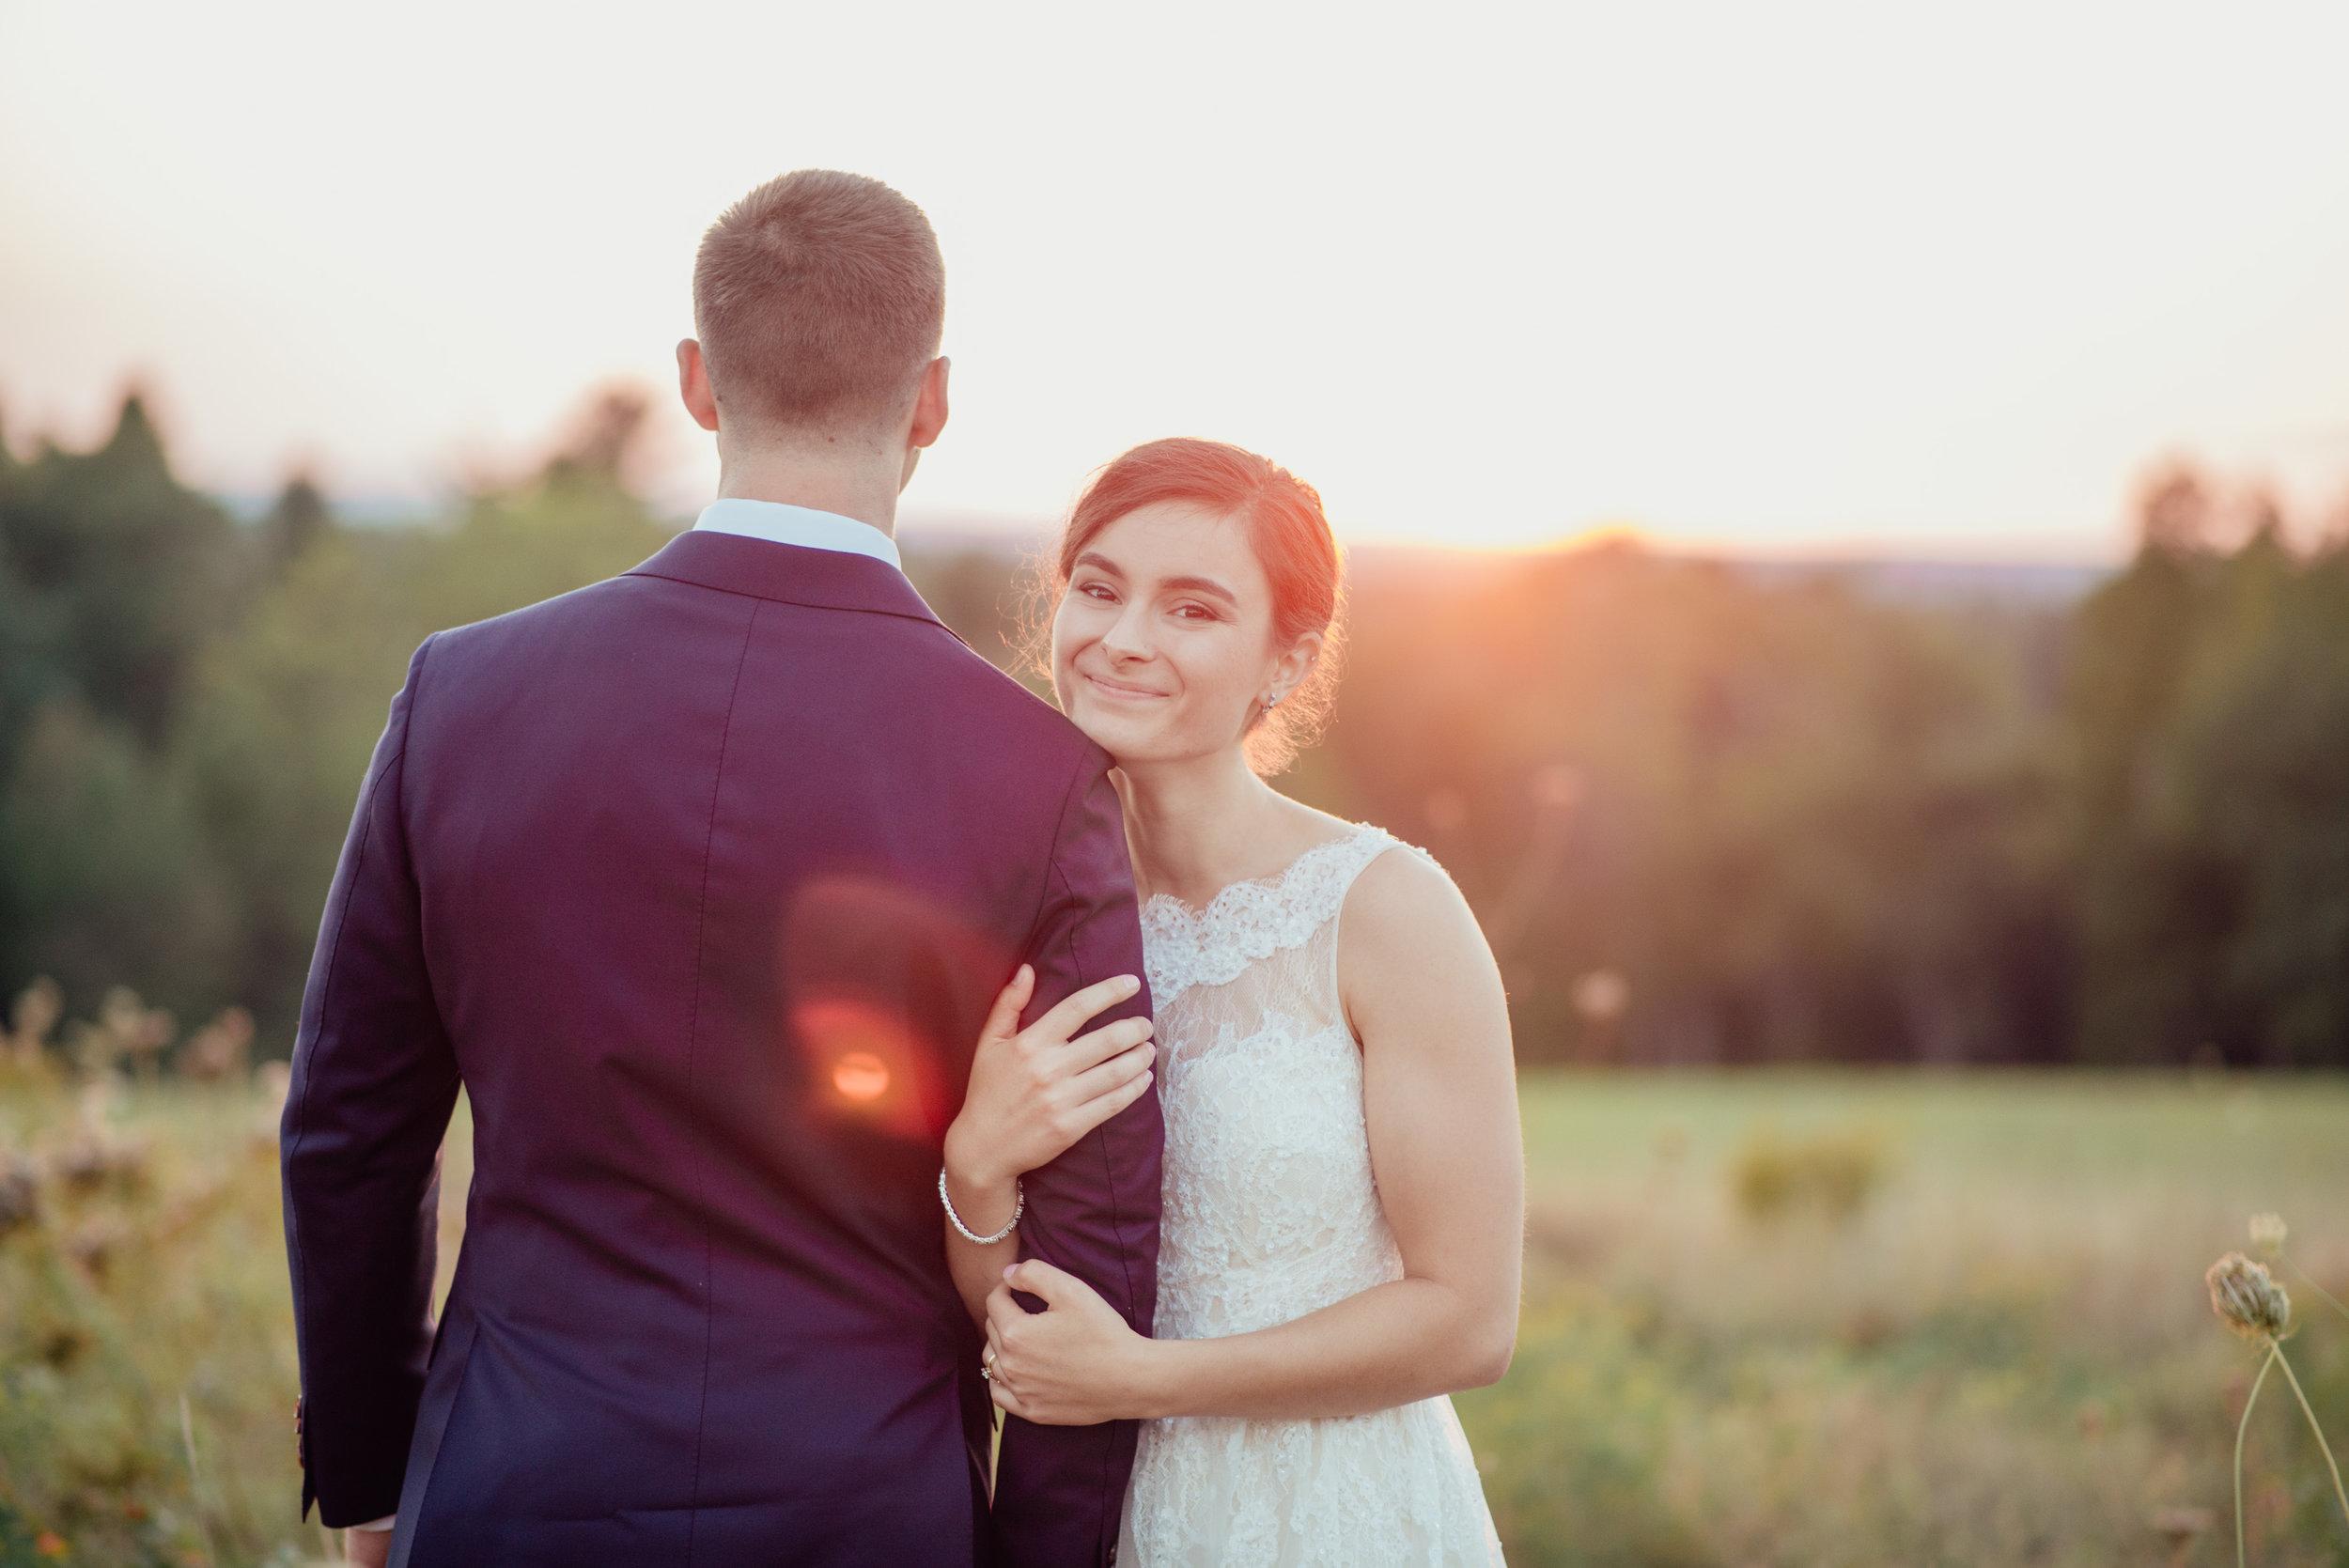 cleland-studios-weddings-55.jpg